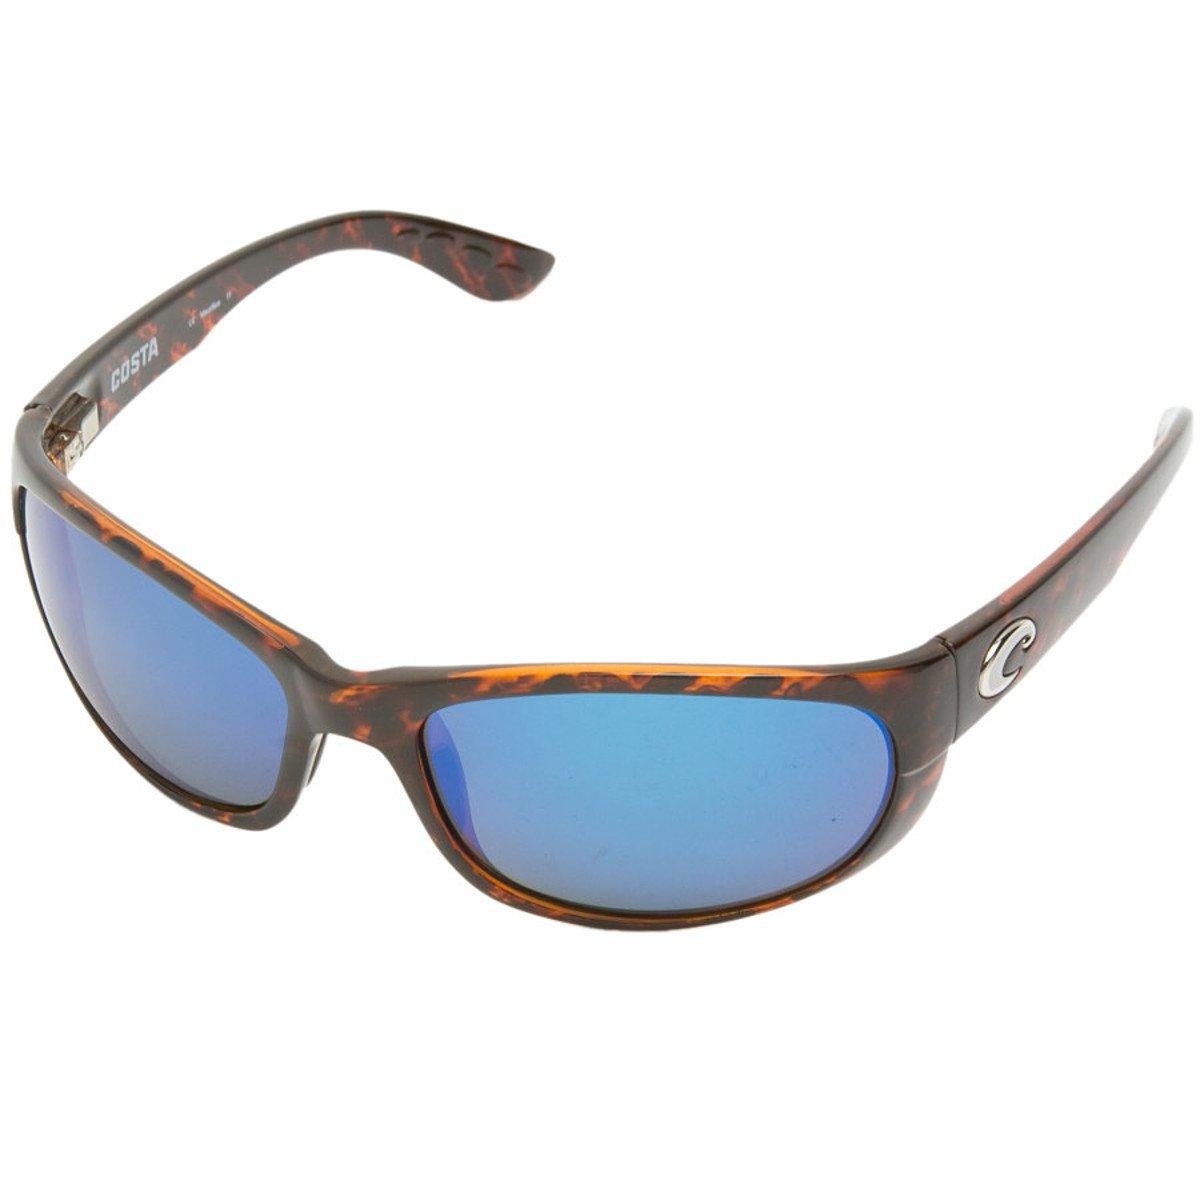 Amazon.com: Costa del Mar Howler – Gafas de sol, Color ...